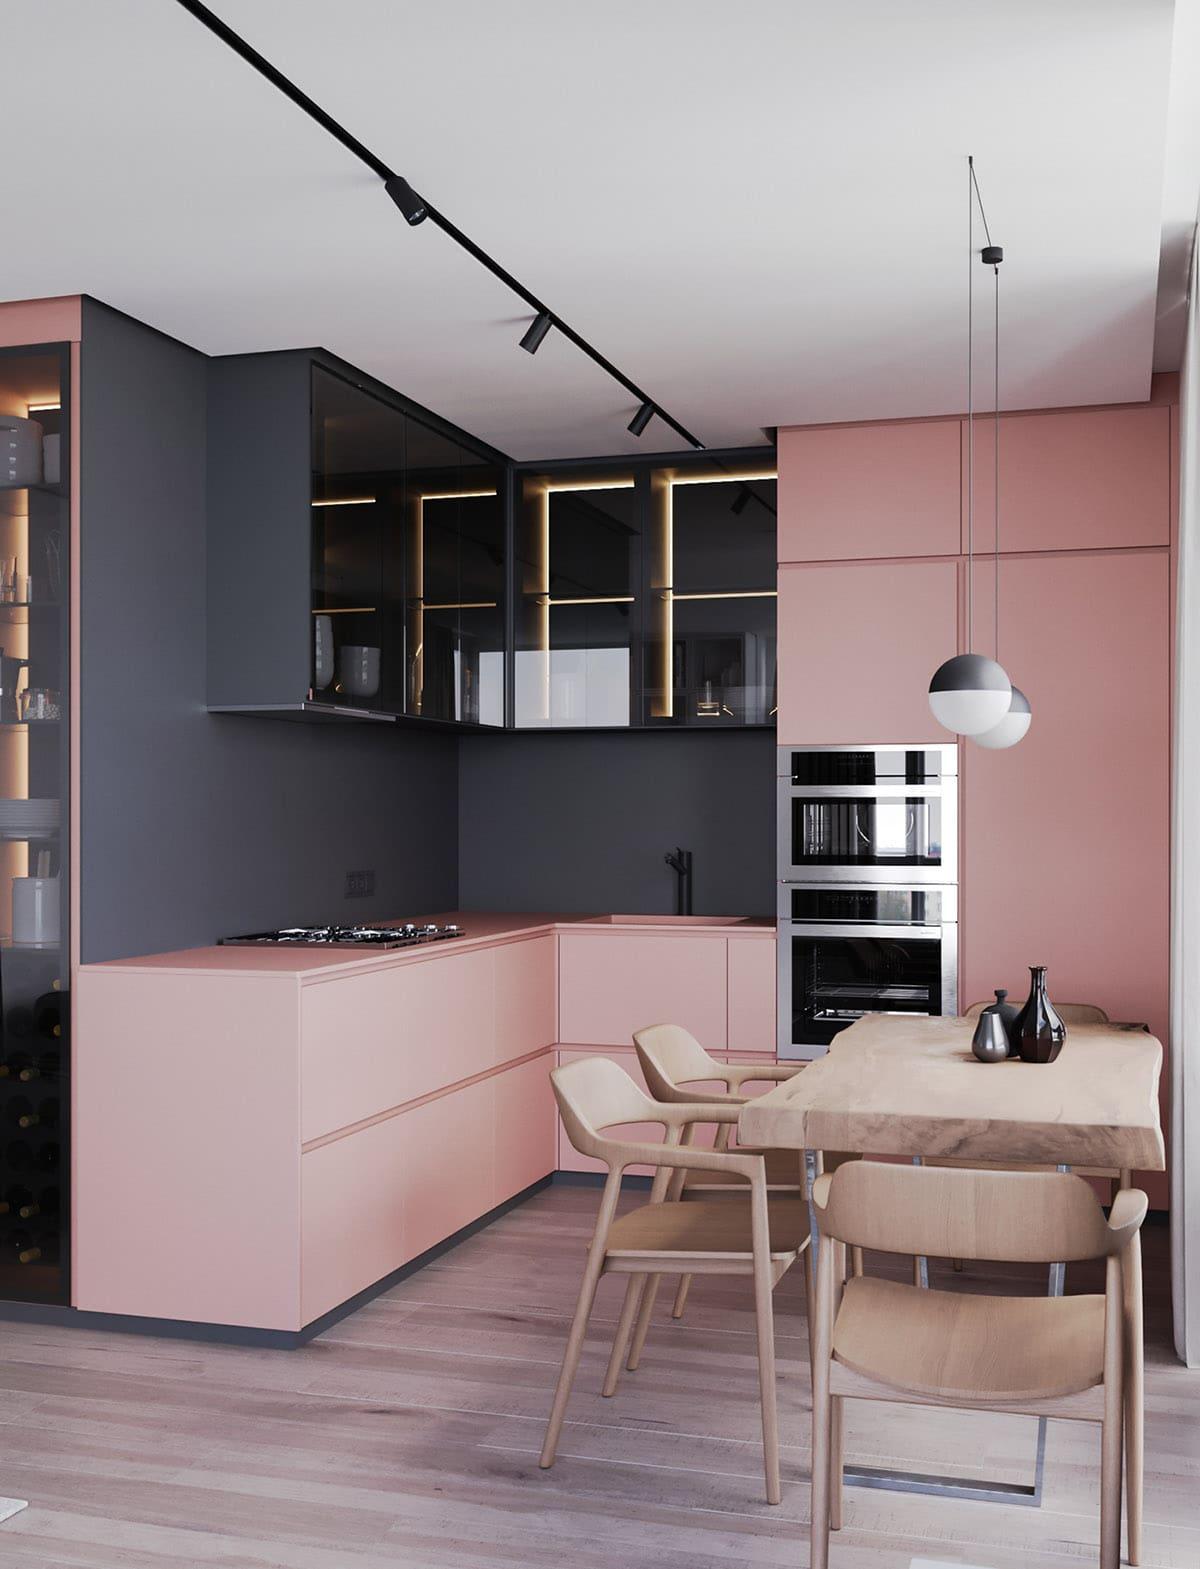 дизайн в серо-розовых тонах фото 2